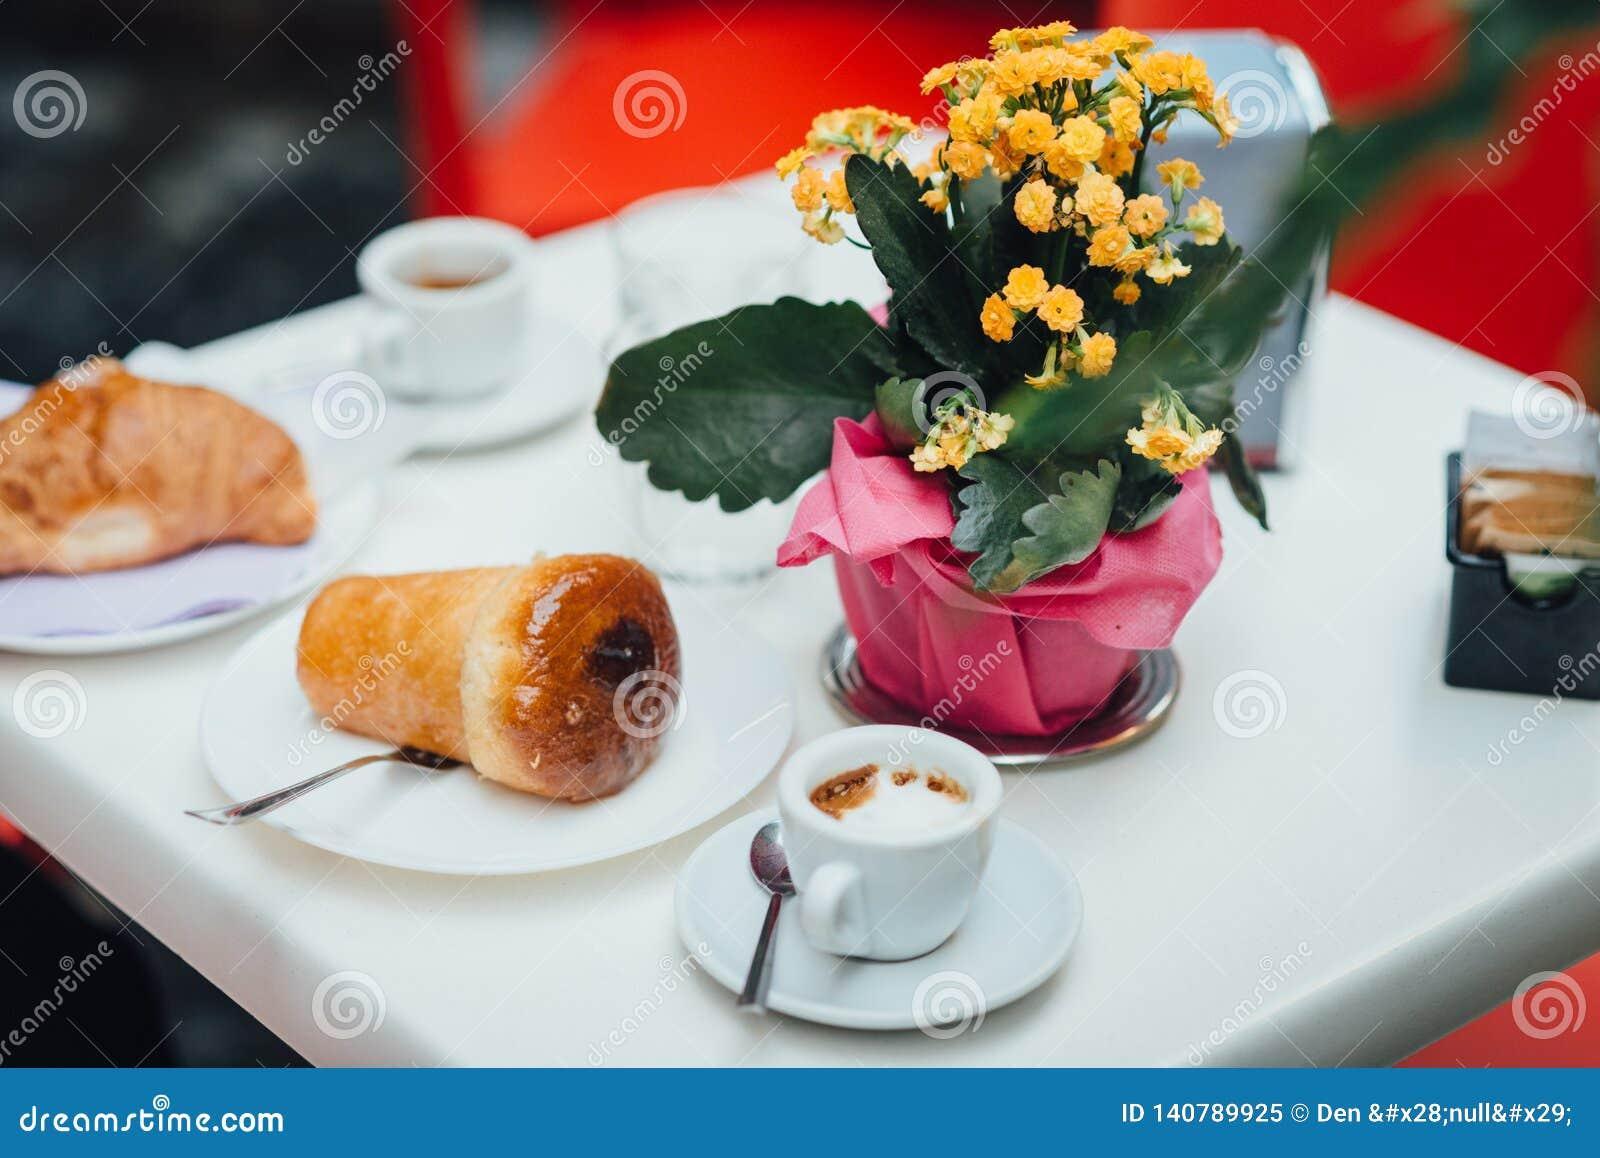 Neapolitanisches Frühstück auf dem Tisch